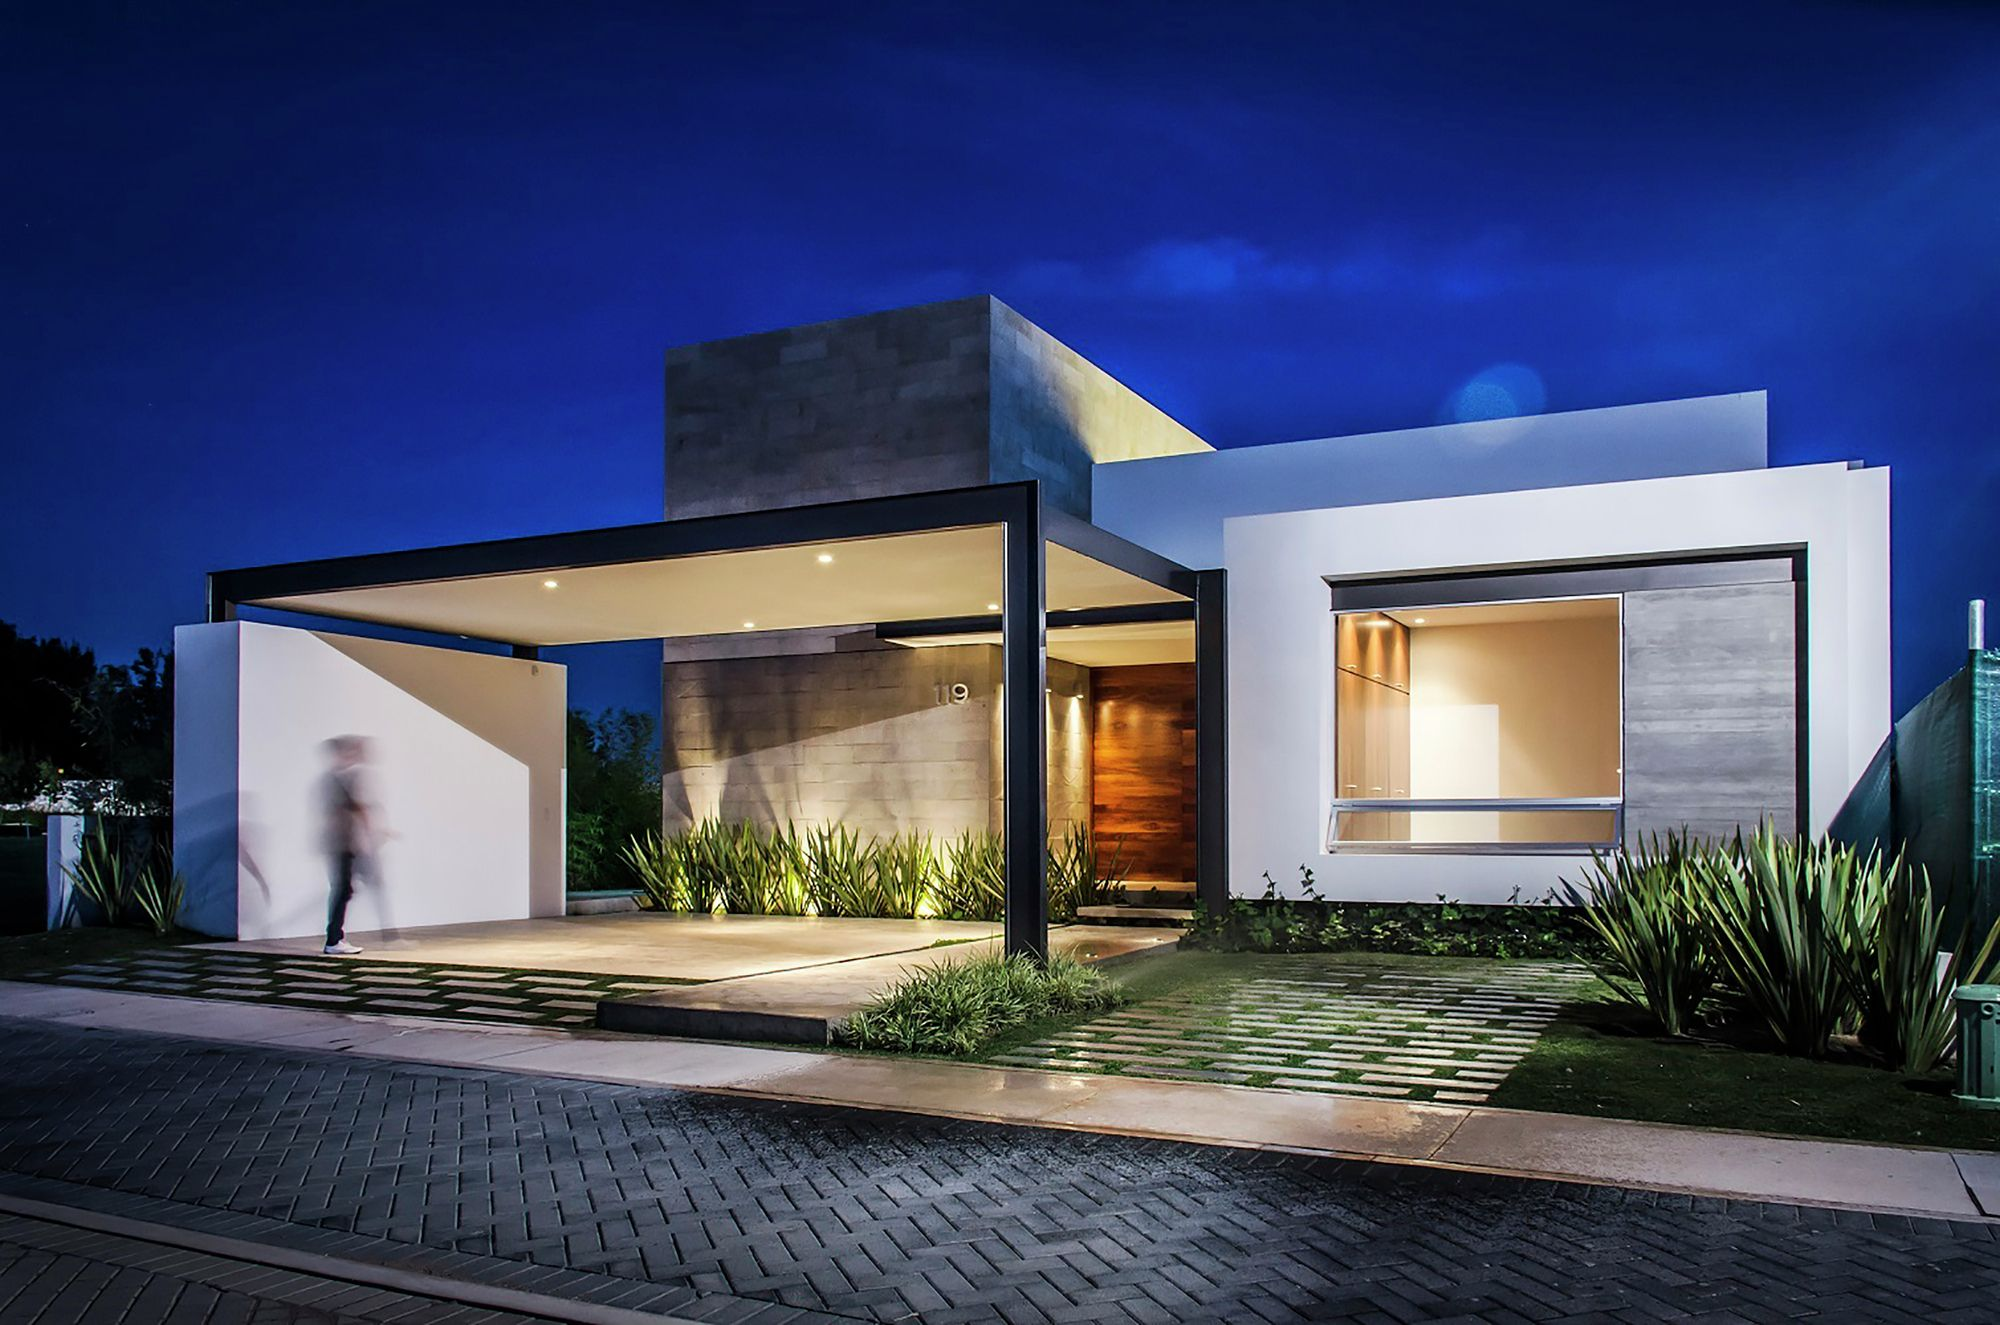 Dise o de casa moderna de un piso con tres dormitorios for Pareti colorate casa moderna